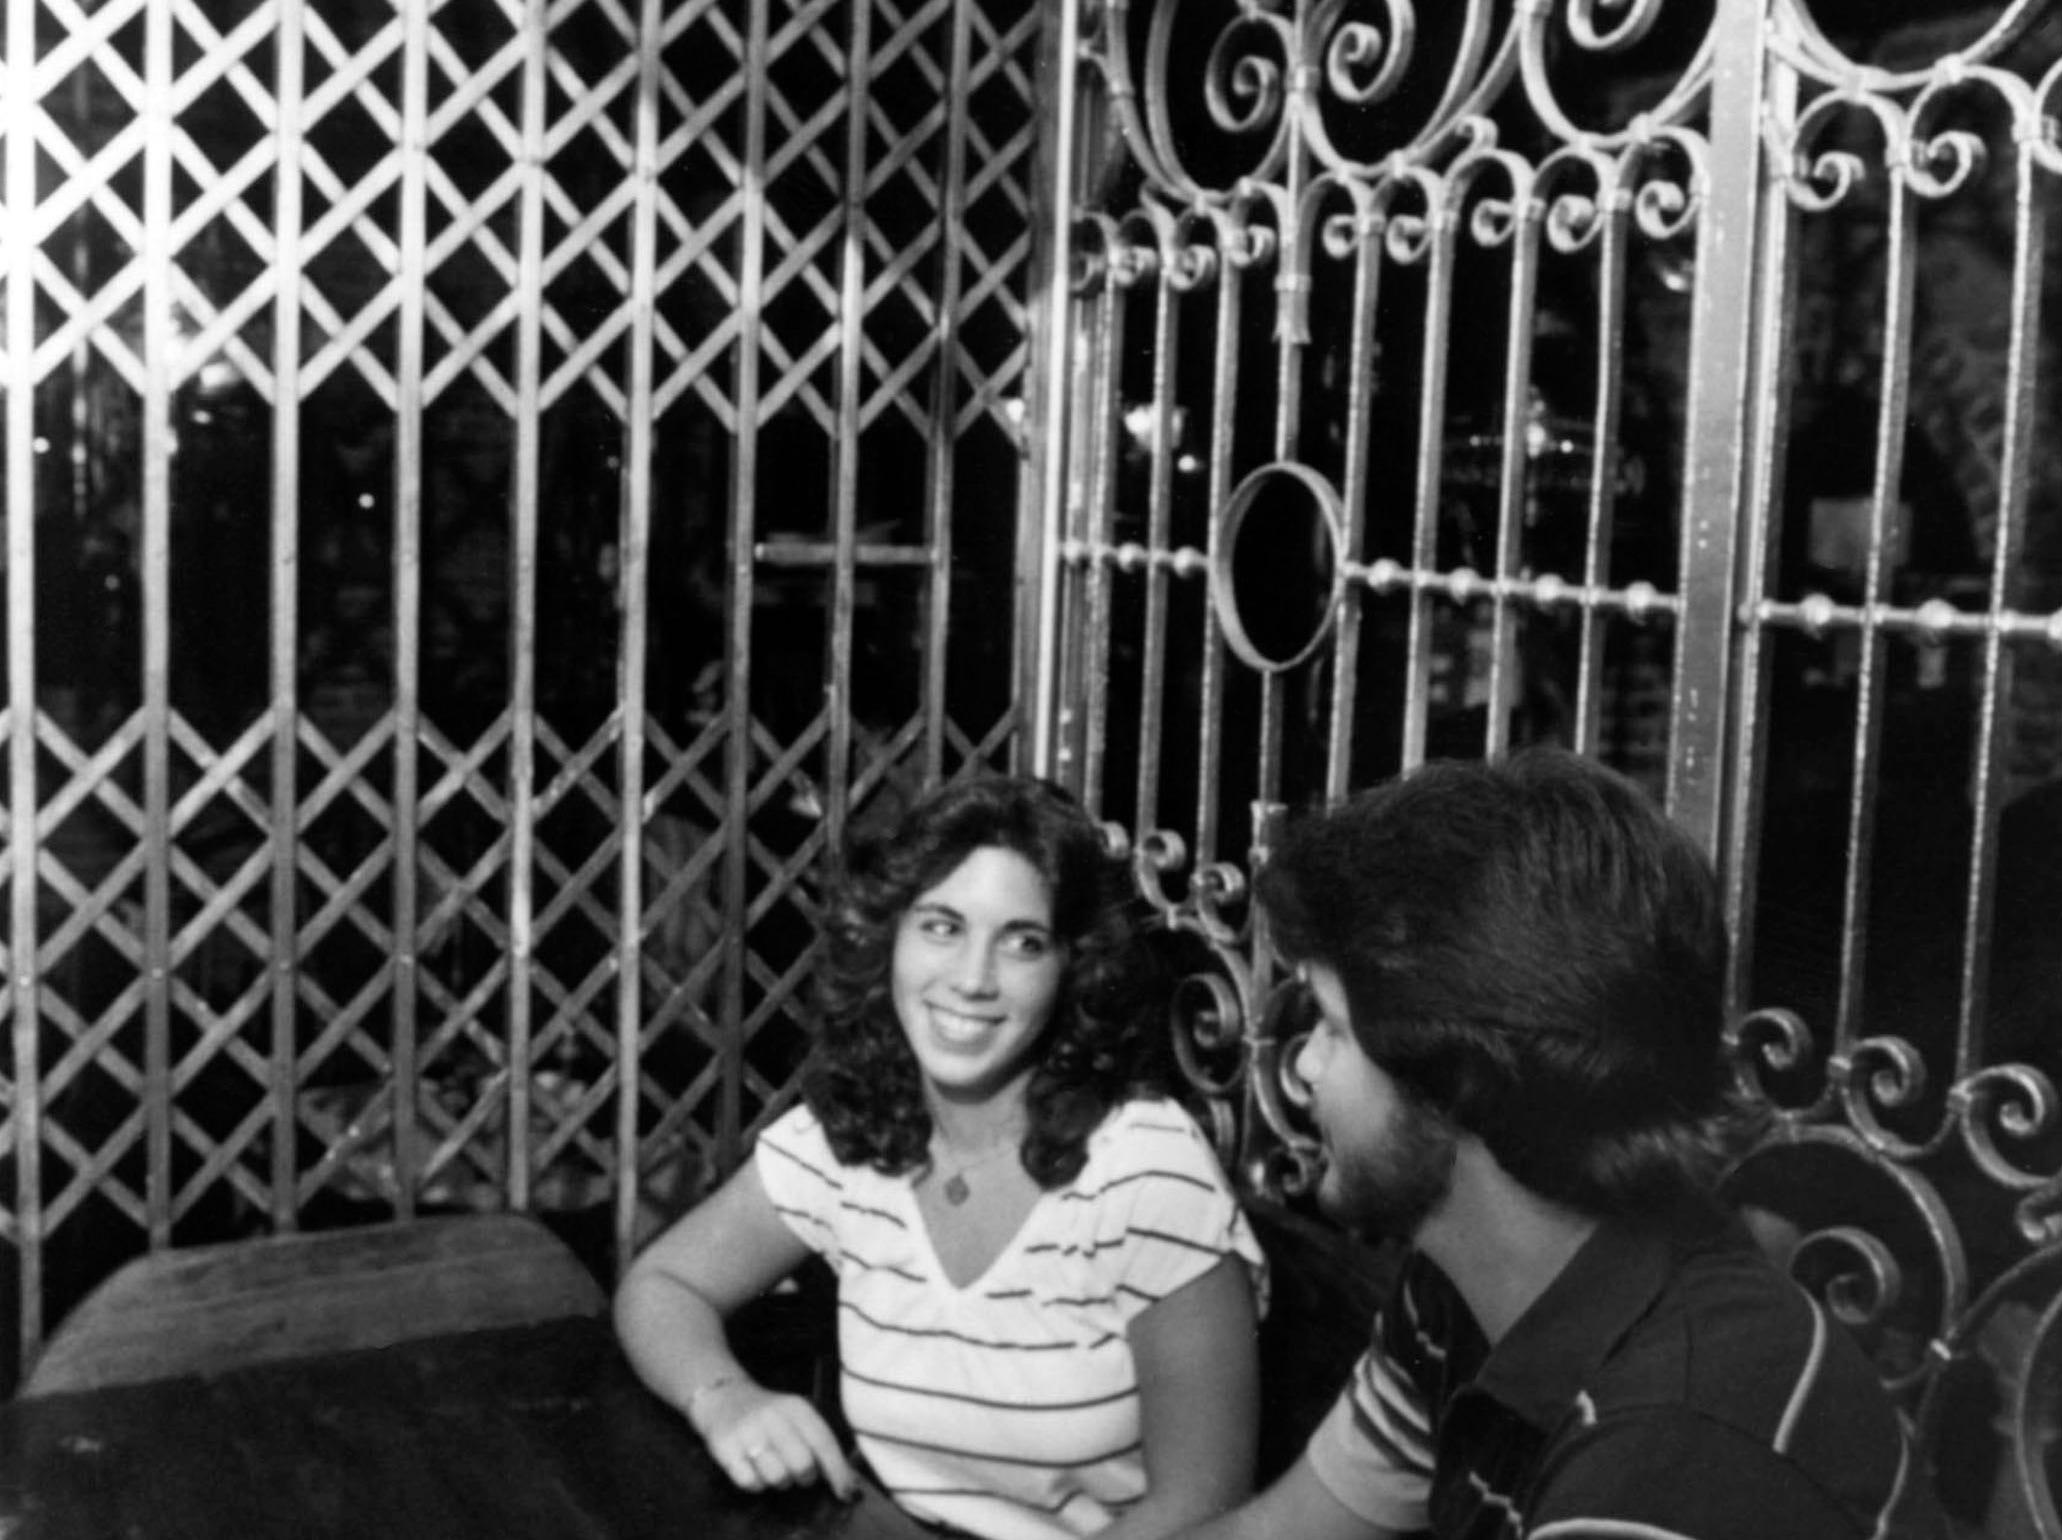 Connie Kotsianas and Rick Norman at Darryl's 1879 in 1979.